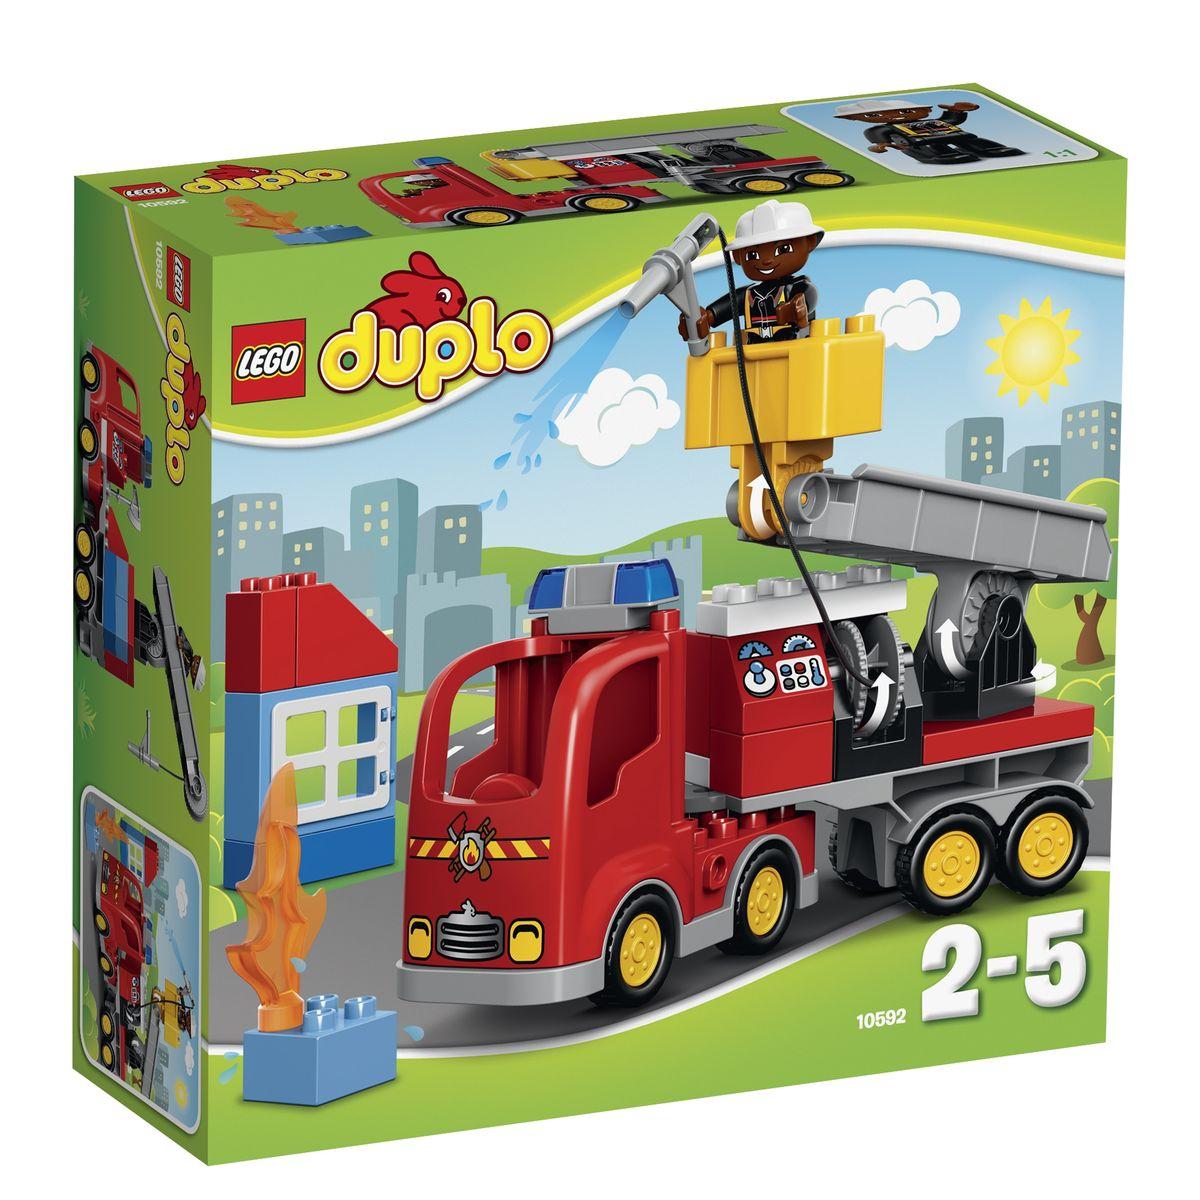 Пожарный грузовик из конструктора LEGO DUPLO готов приступить к работе! Его массивный корпус выполнен из ярко-красных деталей. Спереди видна кабина водителя, оборудованная радиаторной решеткой, противотуманными фарами и сигнальными огнями. За кабиной организована прямоугольная панель, имеющая несколько назначений. При желании здесь можно разместить систему пожаротушения со шлангом, приборной панелью и багажным отсеком для перевозки инвентаря. Но, если возгорание произошло в высотном здании, то пожарному придется воспользоваться дополнительным оборудованием. Для этого к багажной панели необходимо присоединить транспортировочную платформу, состоящую из прочного основания и подъемного крана с люлькой. Для удобства пожарного вся конструкция очень мобильна. Она может не только подниматься и опускаться, подстраиваясь под высоту здания, но и вращаться вокруг своей оси. Игра с конструктором развивает мелкую моторику ребенка, фантазию и воображение, учит его...